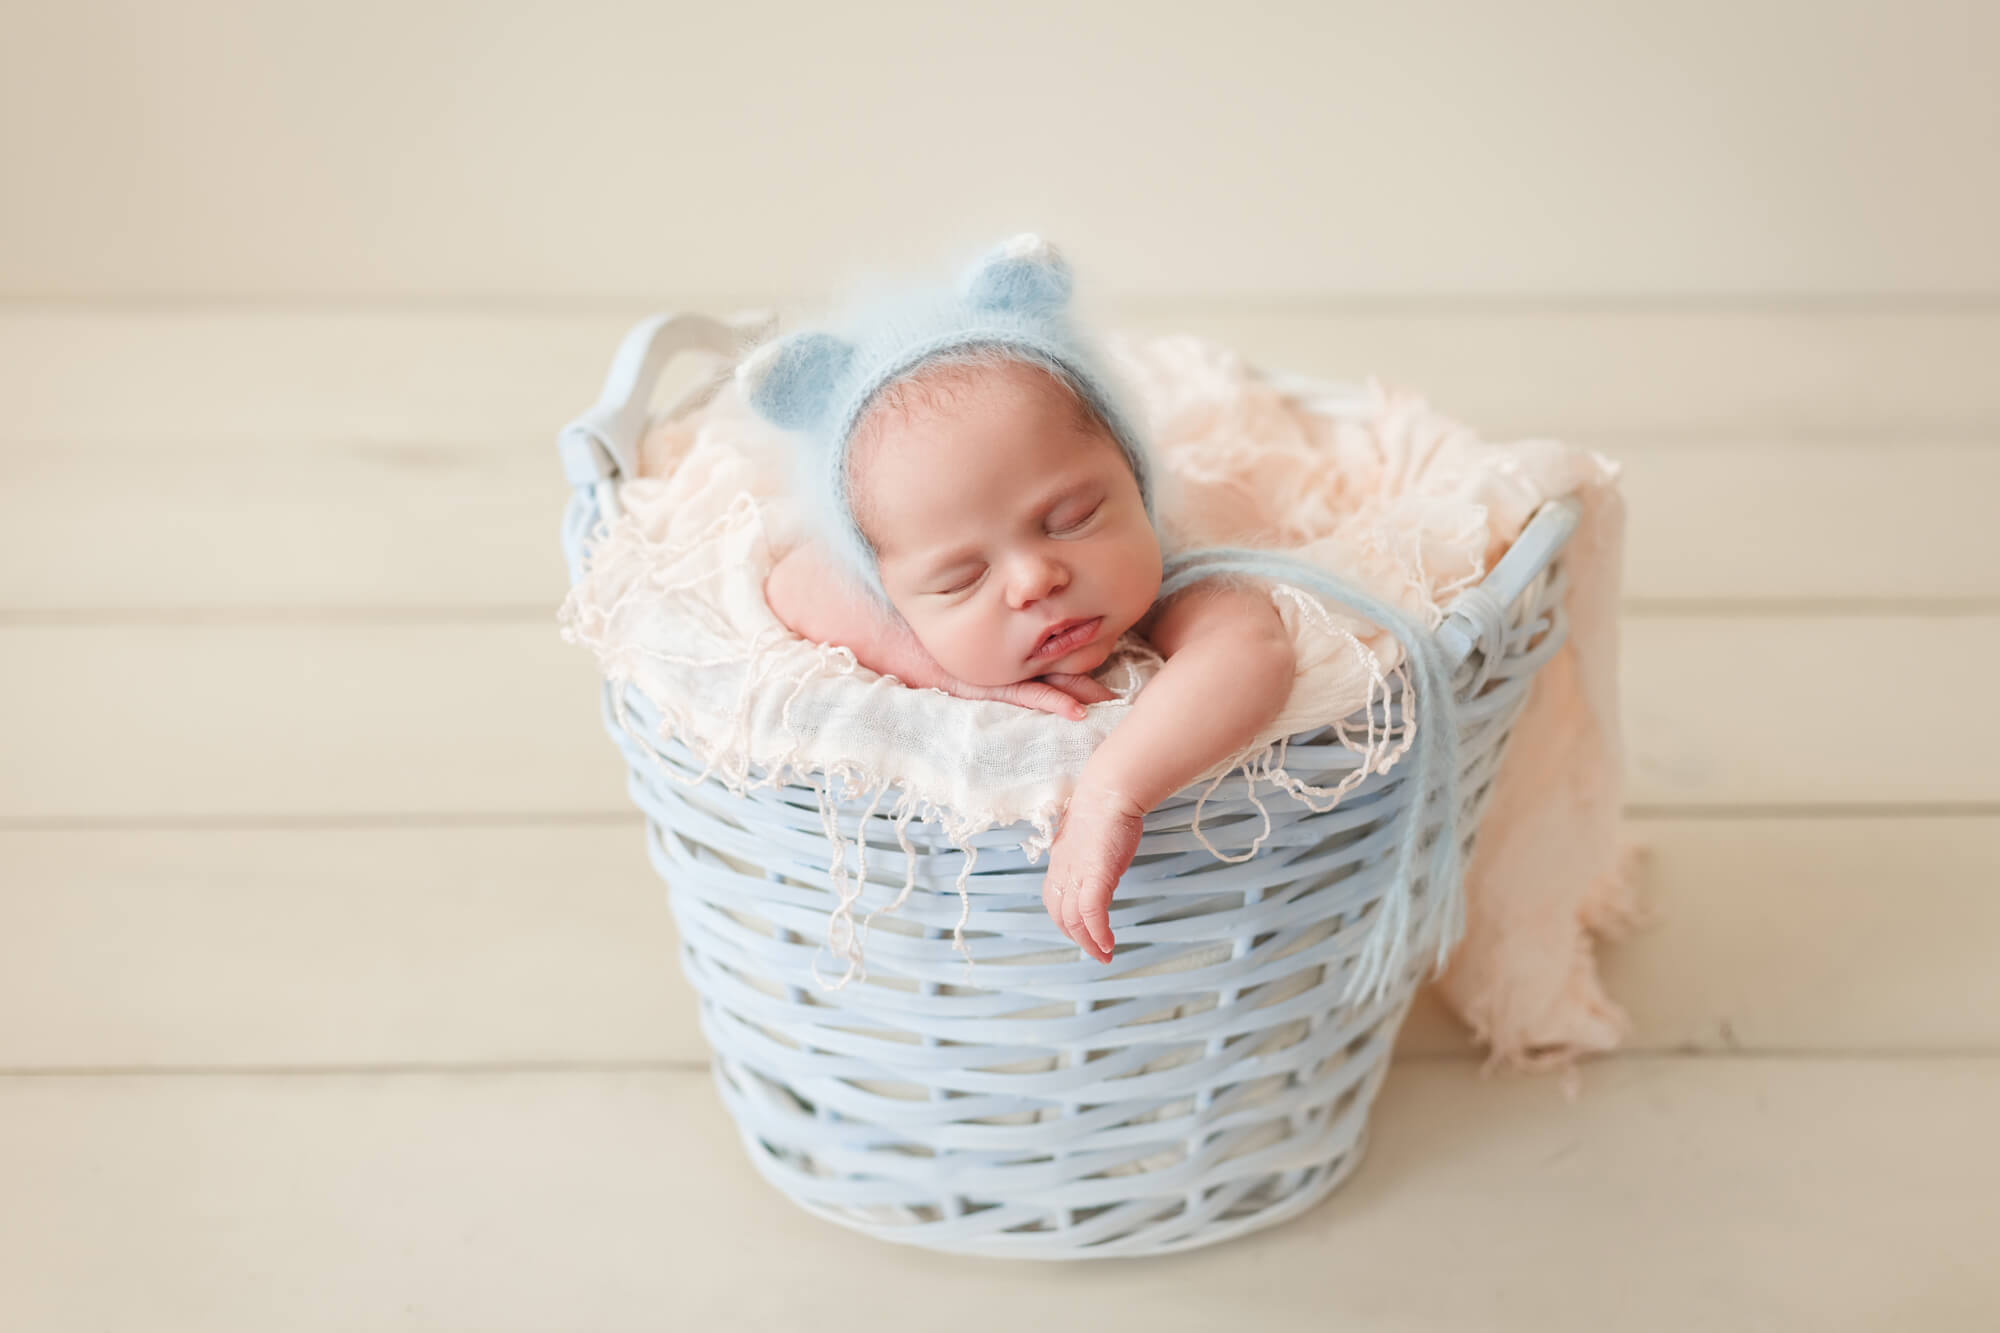 افكار جلسات تصوير اطفال حديثي الولادة